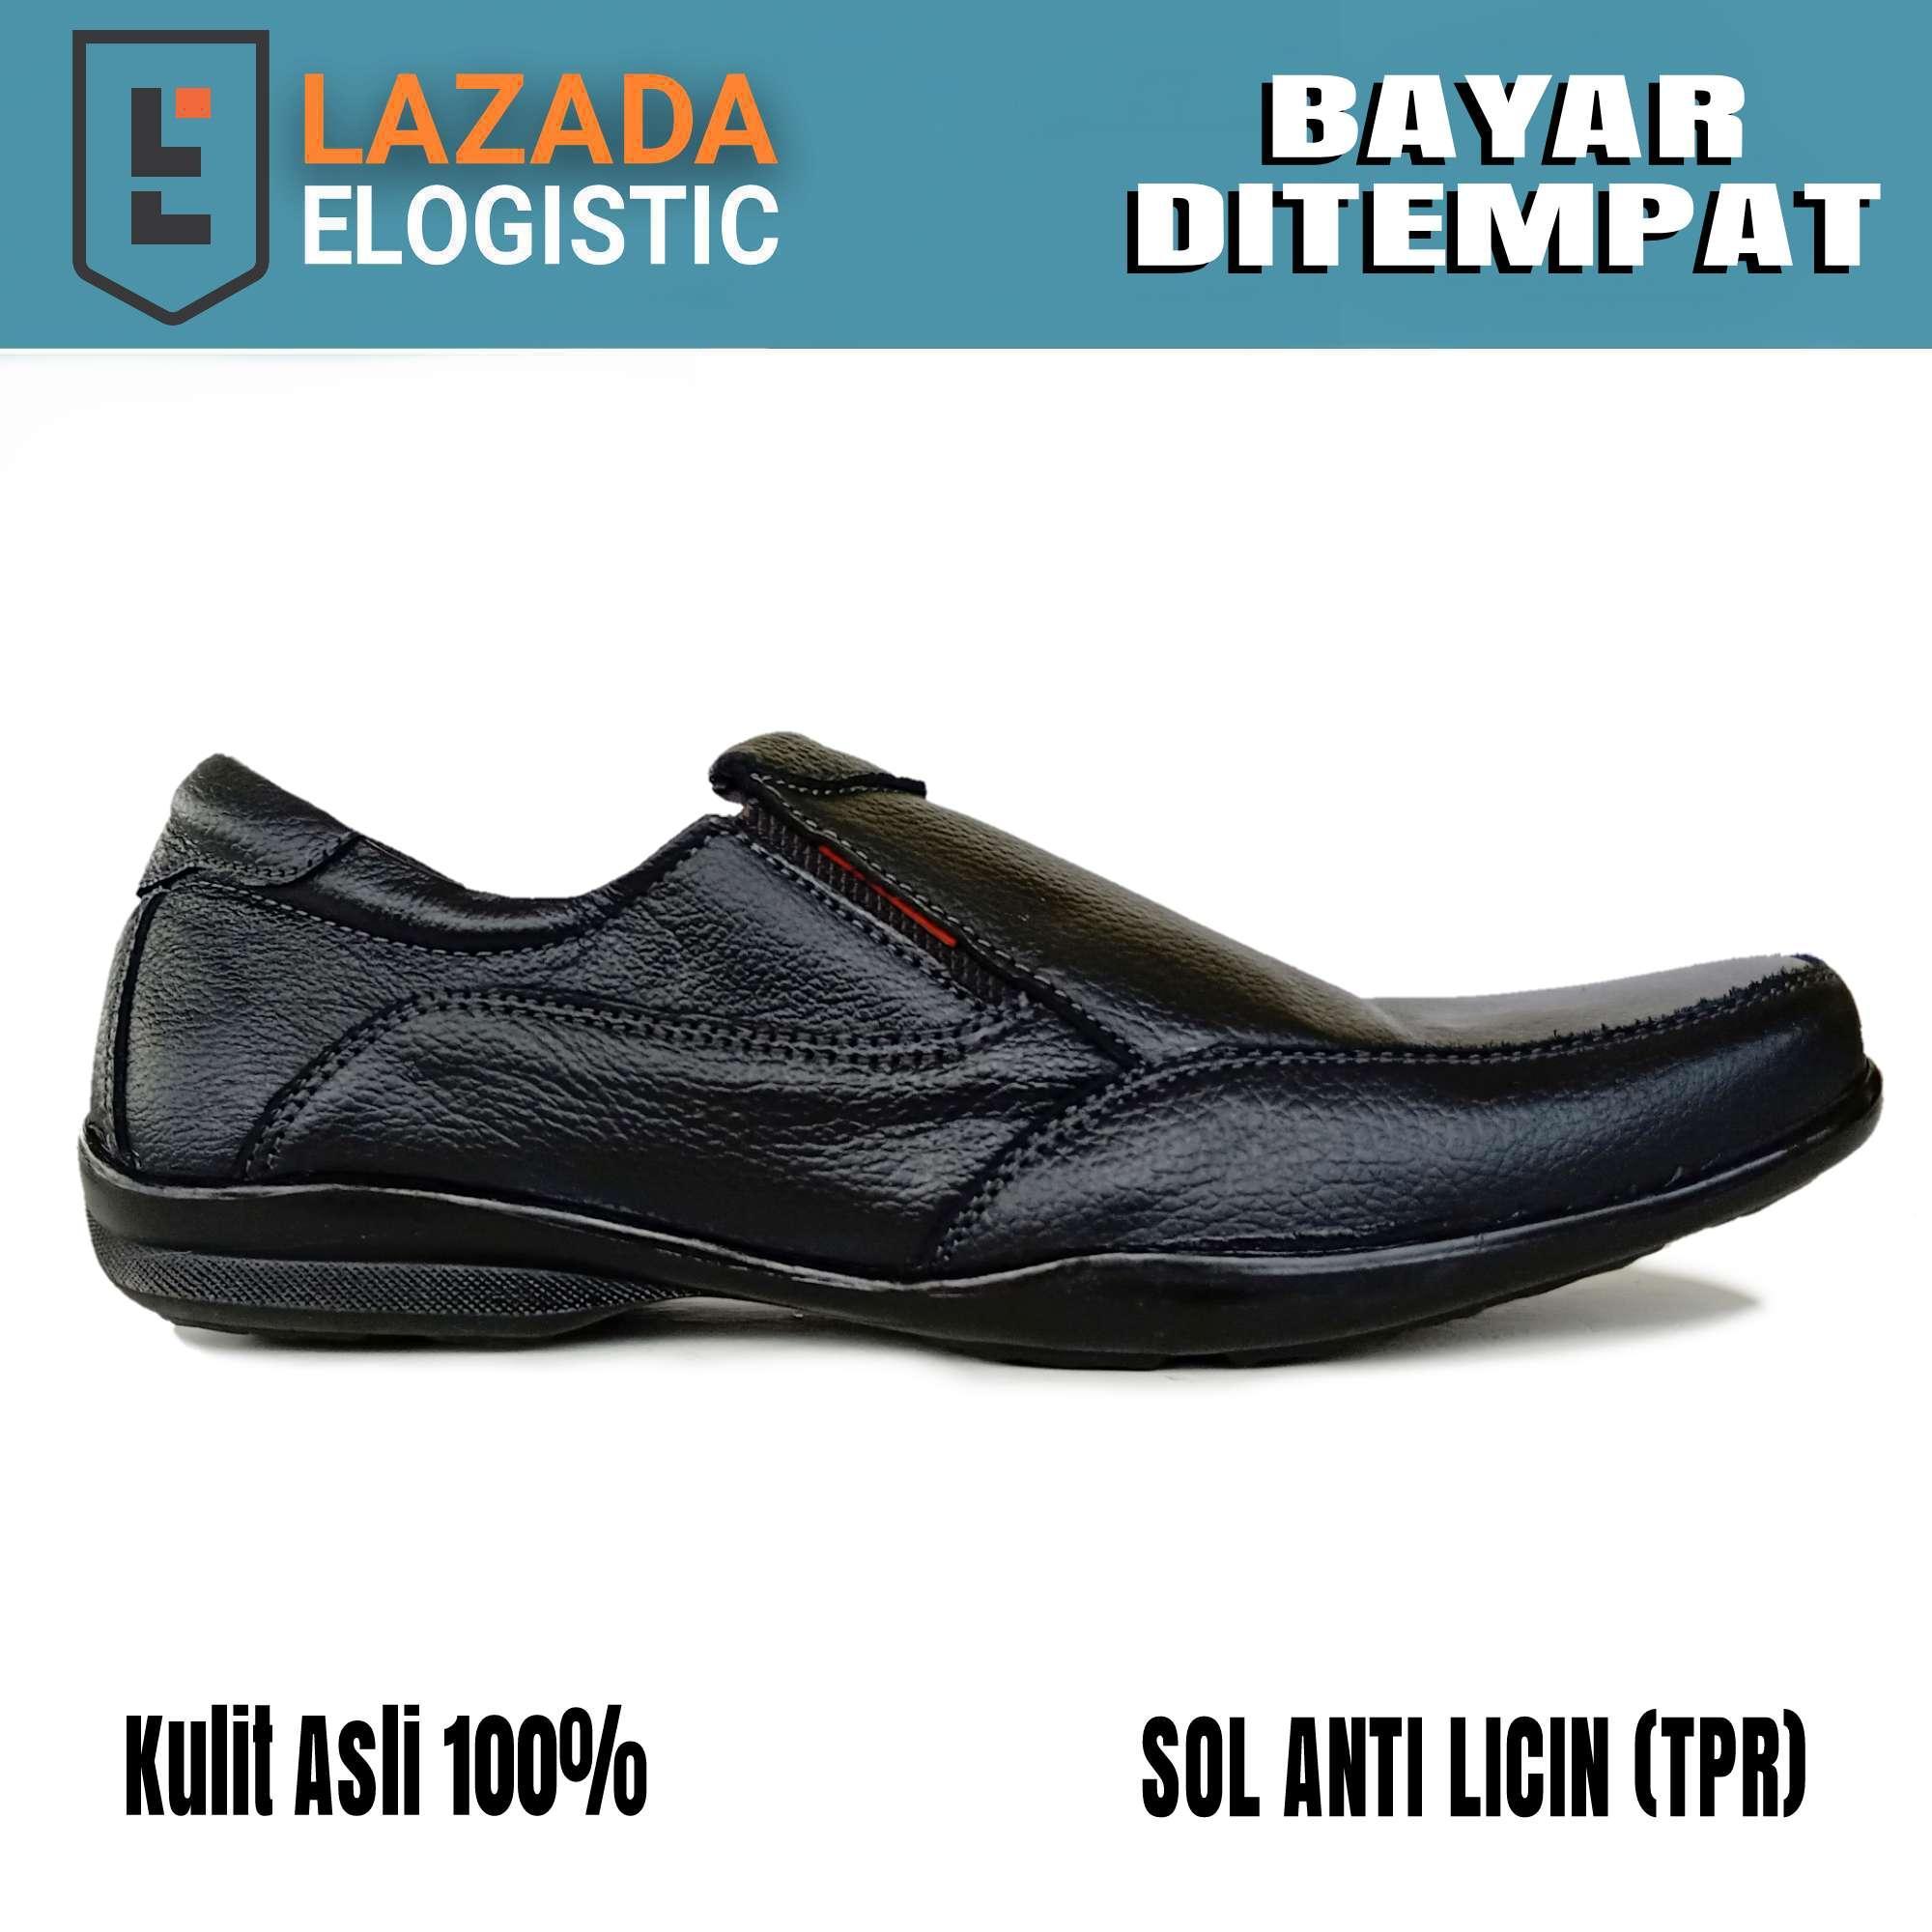 sepatu formal casual pria kulit asli anti slip / sepatu pantofel pria kulit asli / sepatu kulit asli / sepatu kerja pantofel hitam kulit asli / gatio gt01